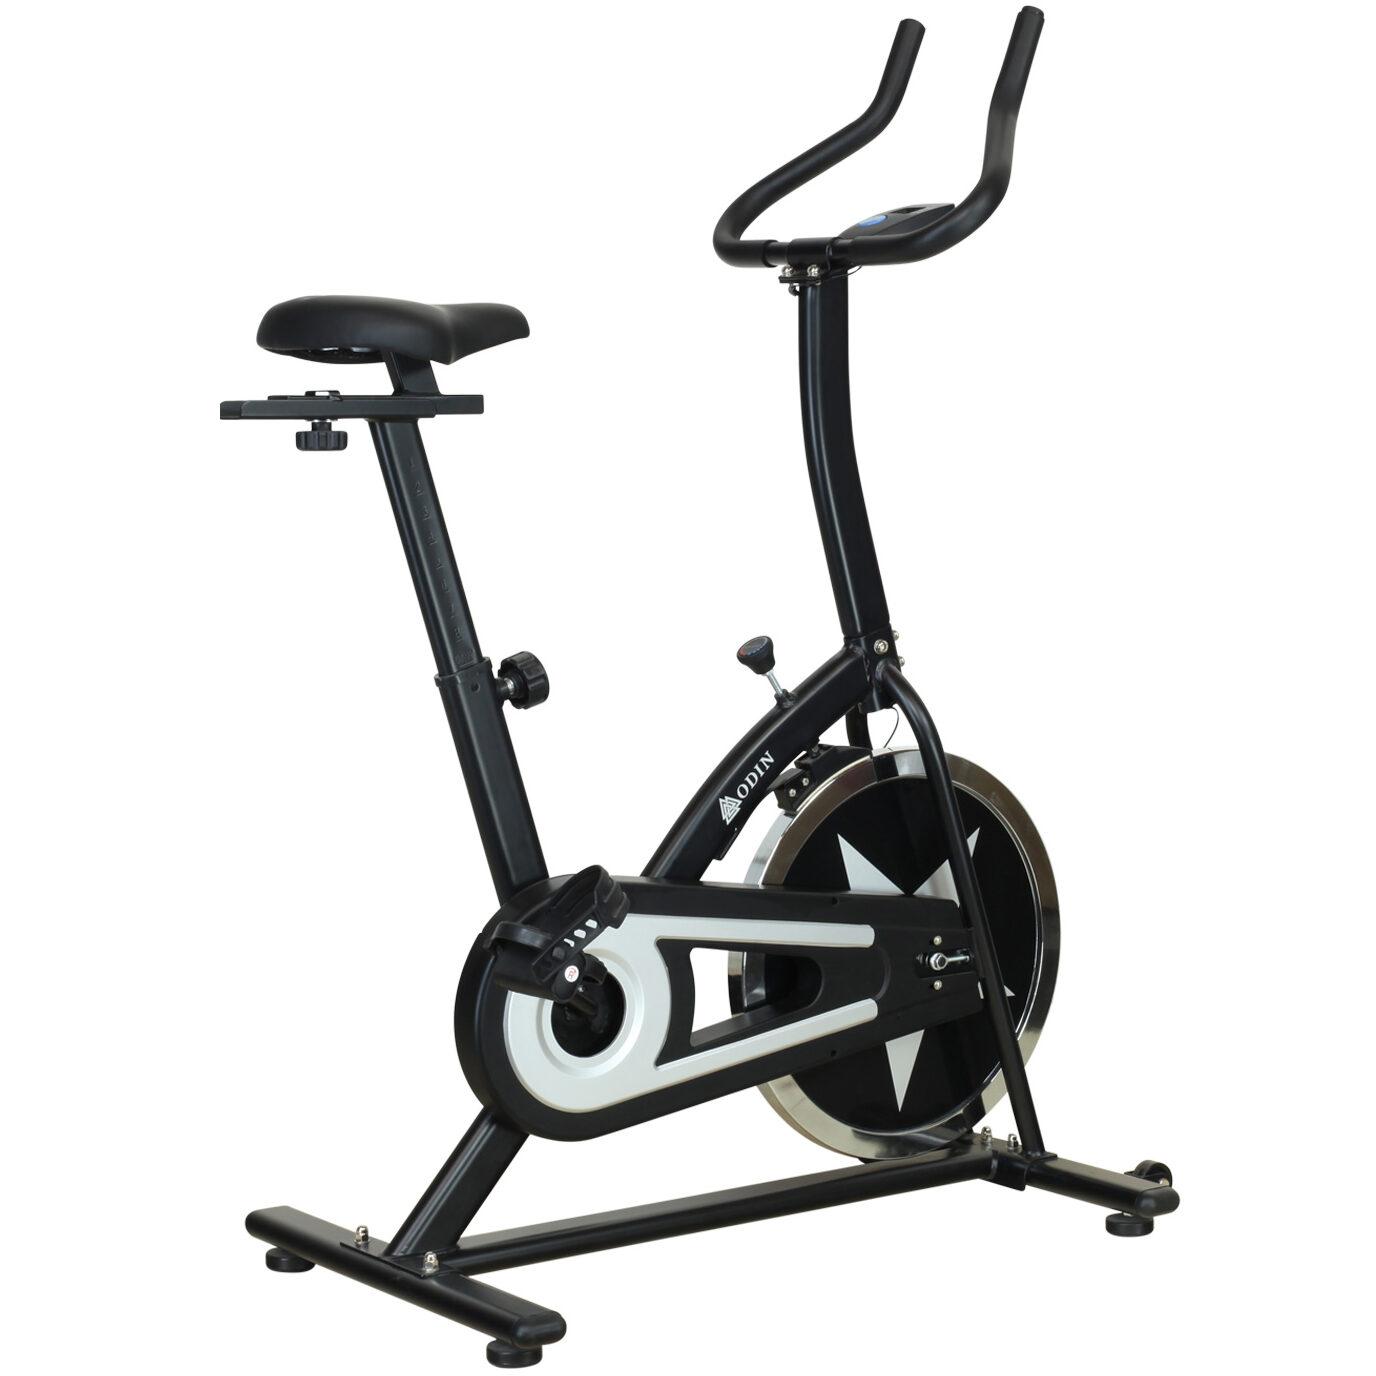 Billig spinningcykel